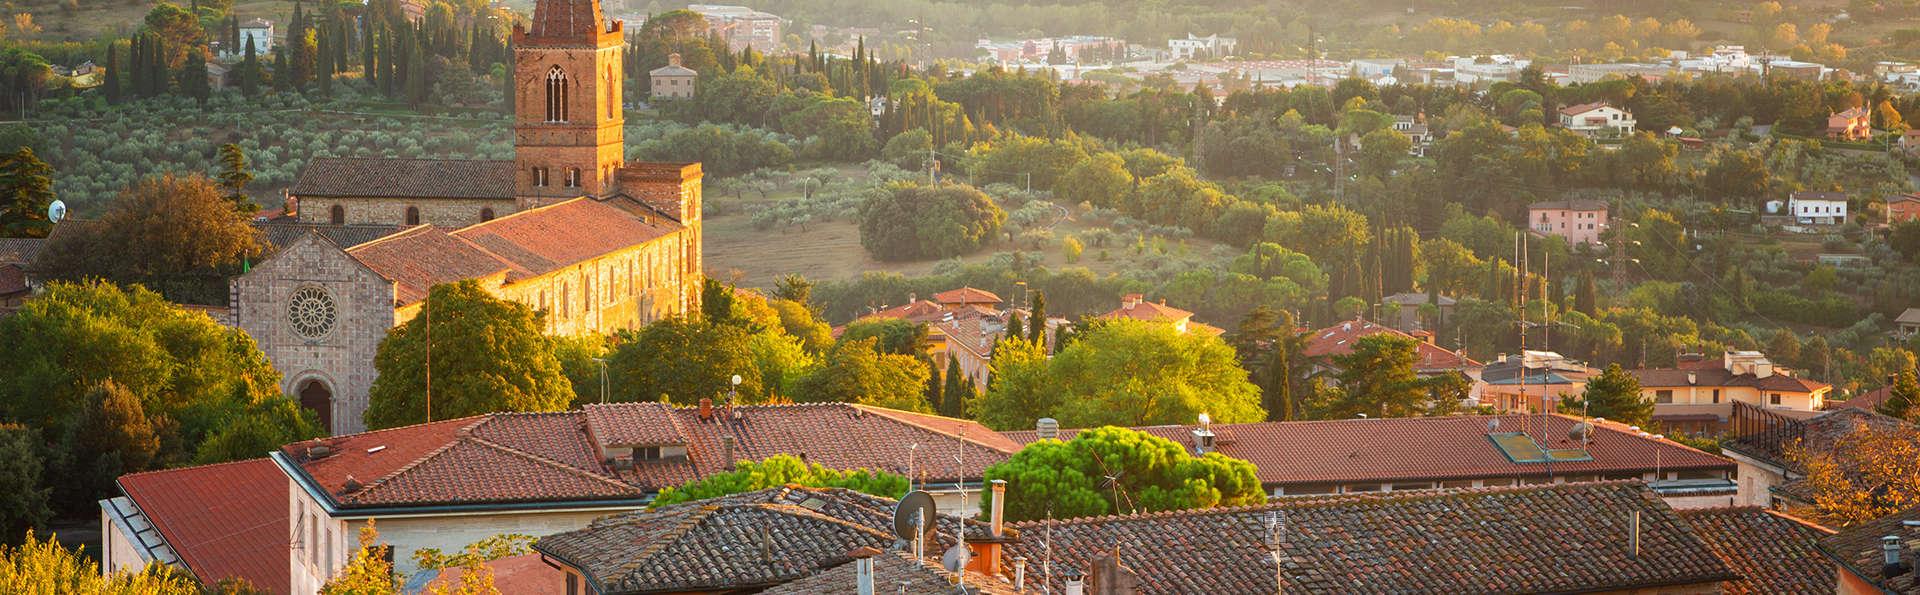 Dal Moro Gallery Hotel - Edit_Perugia2.jpg